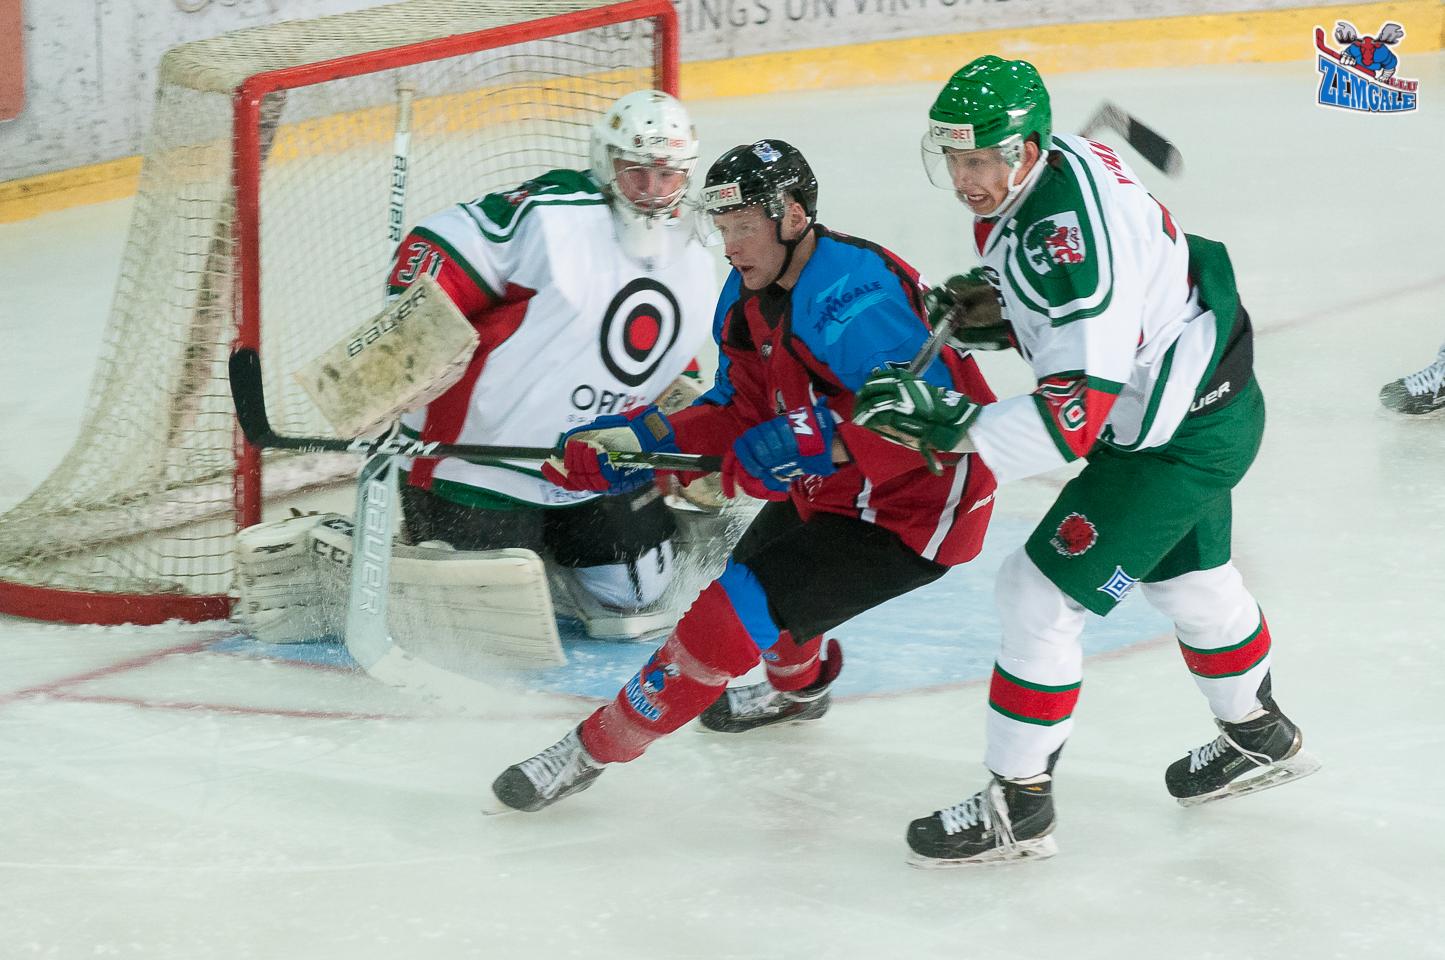 Zemgale/LLU uzbrucējs Ričards Bernhards #15 izslido starp vārtsargu Vadimu Miščukuku #31 un aizsargu Normundu Vībānu #28 spēlē LOC ledus hallē Liepājā 2017. gada 21. oktobrī.